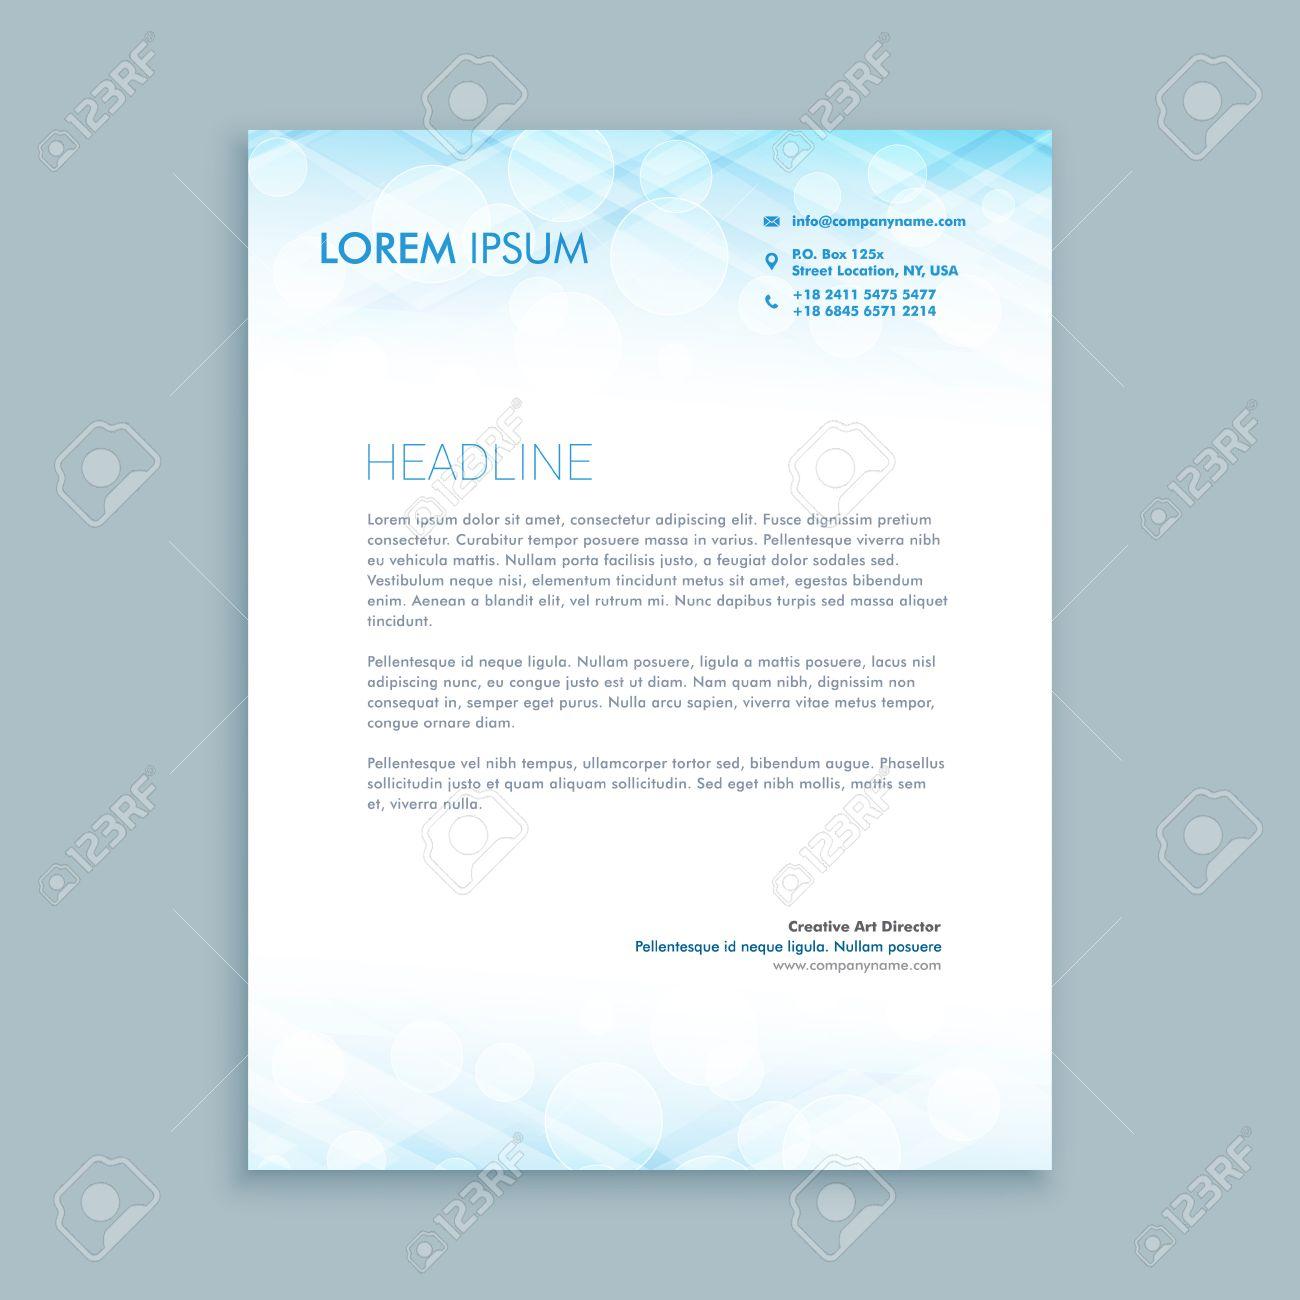 coporate business letterhead - 55397896